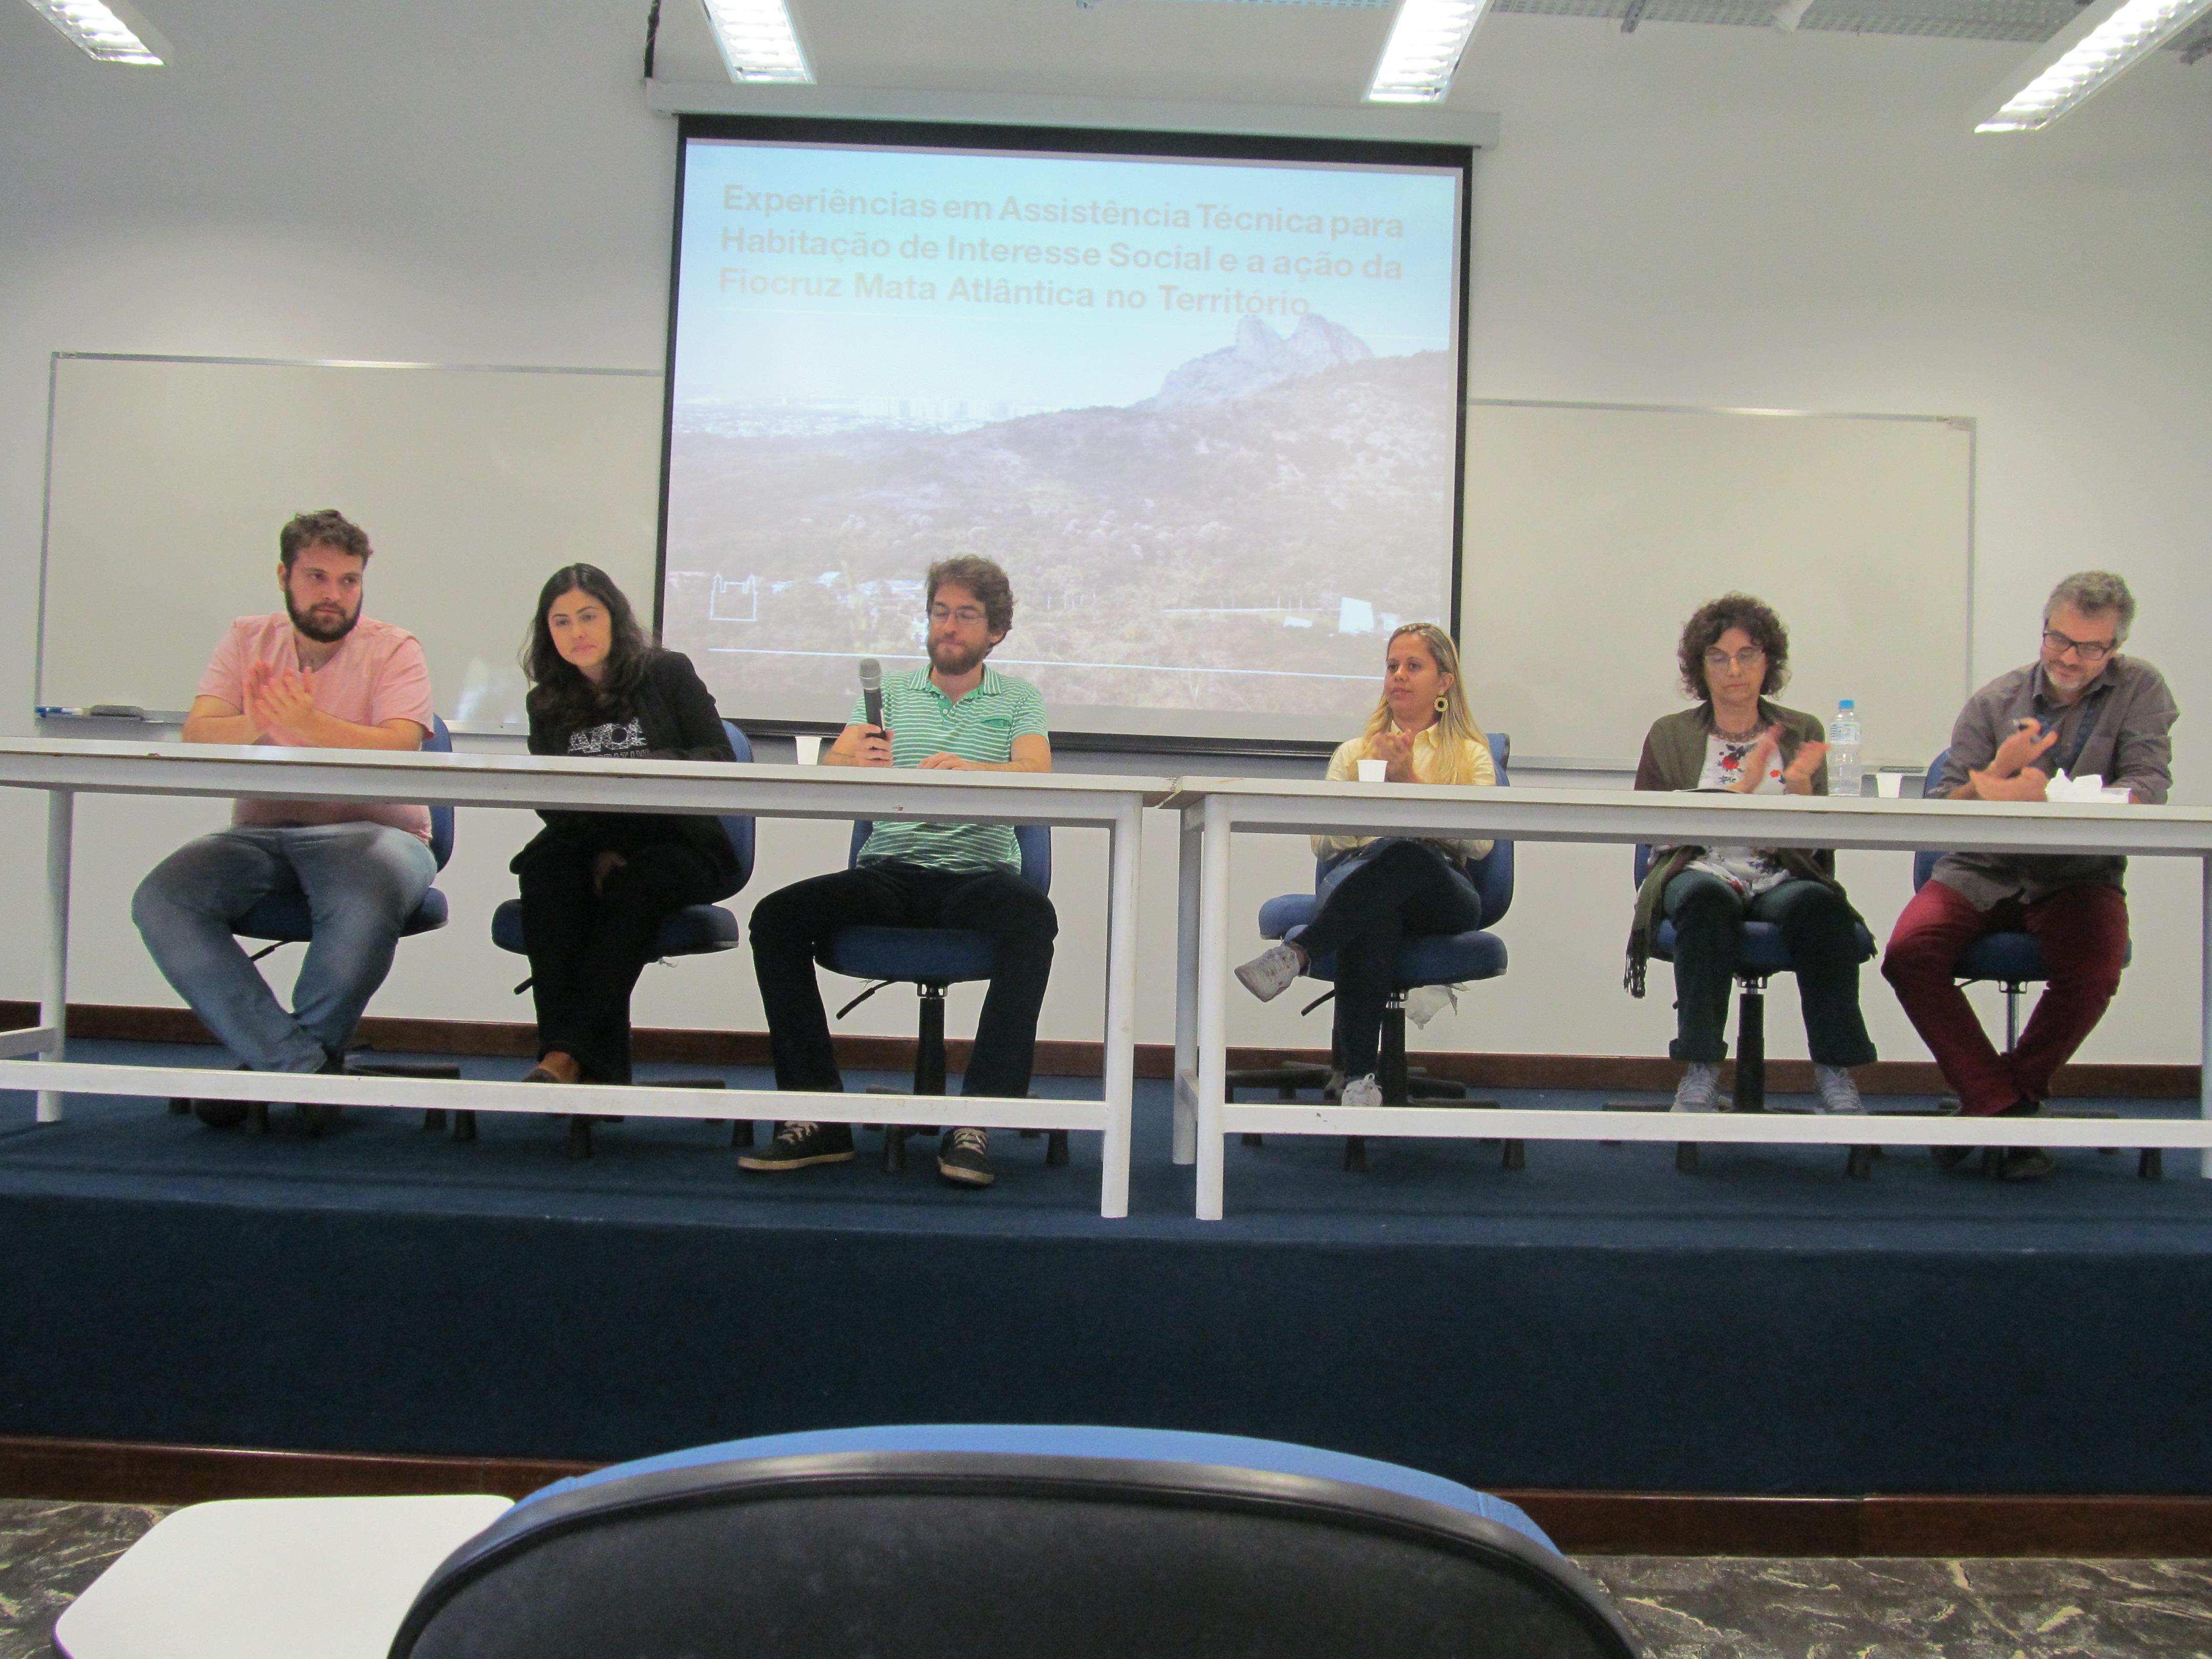 Mesa com os debatedores do seminário